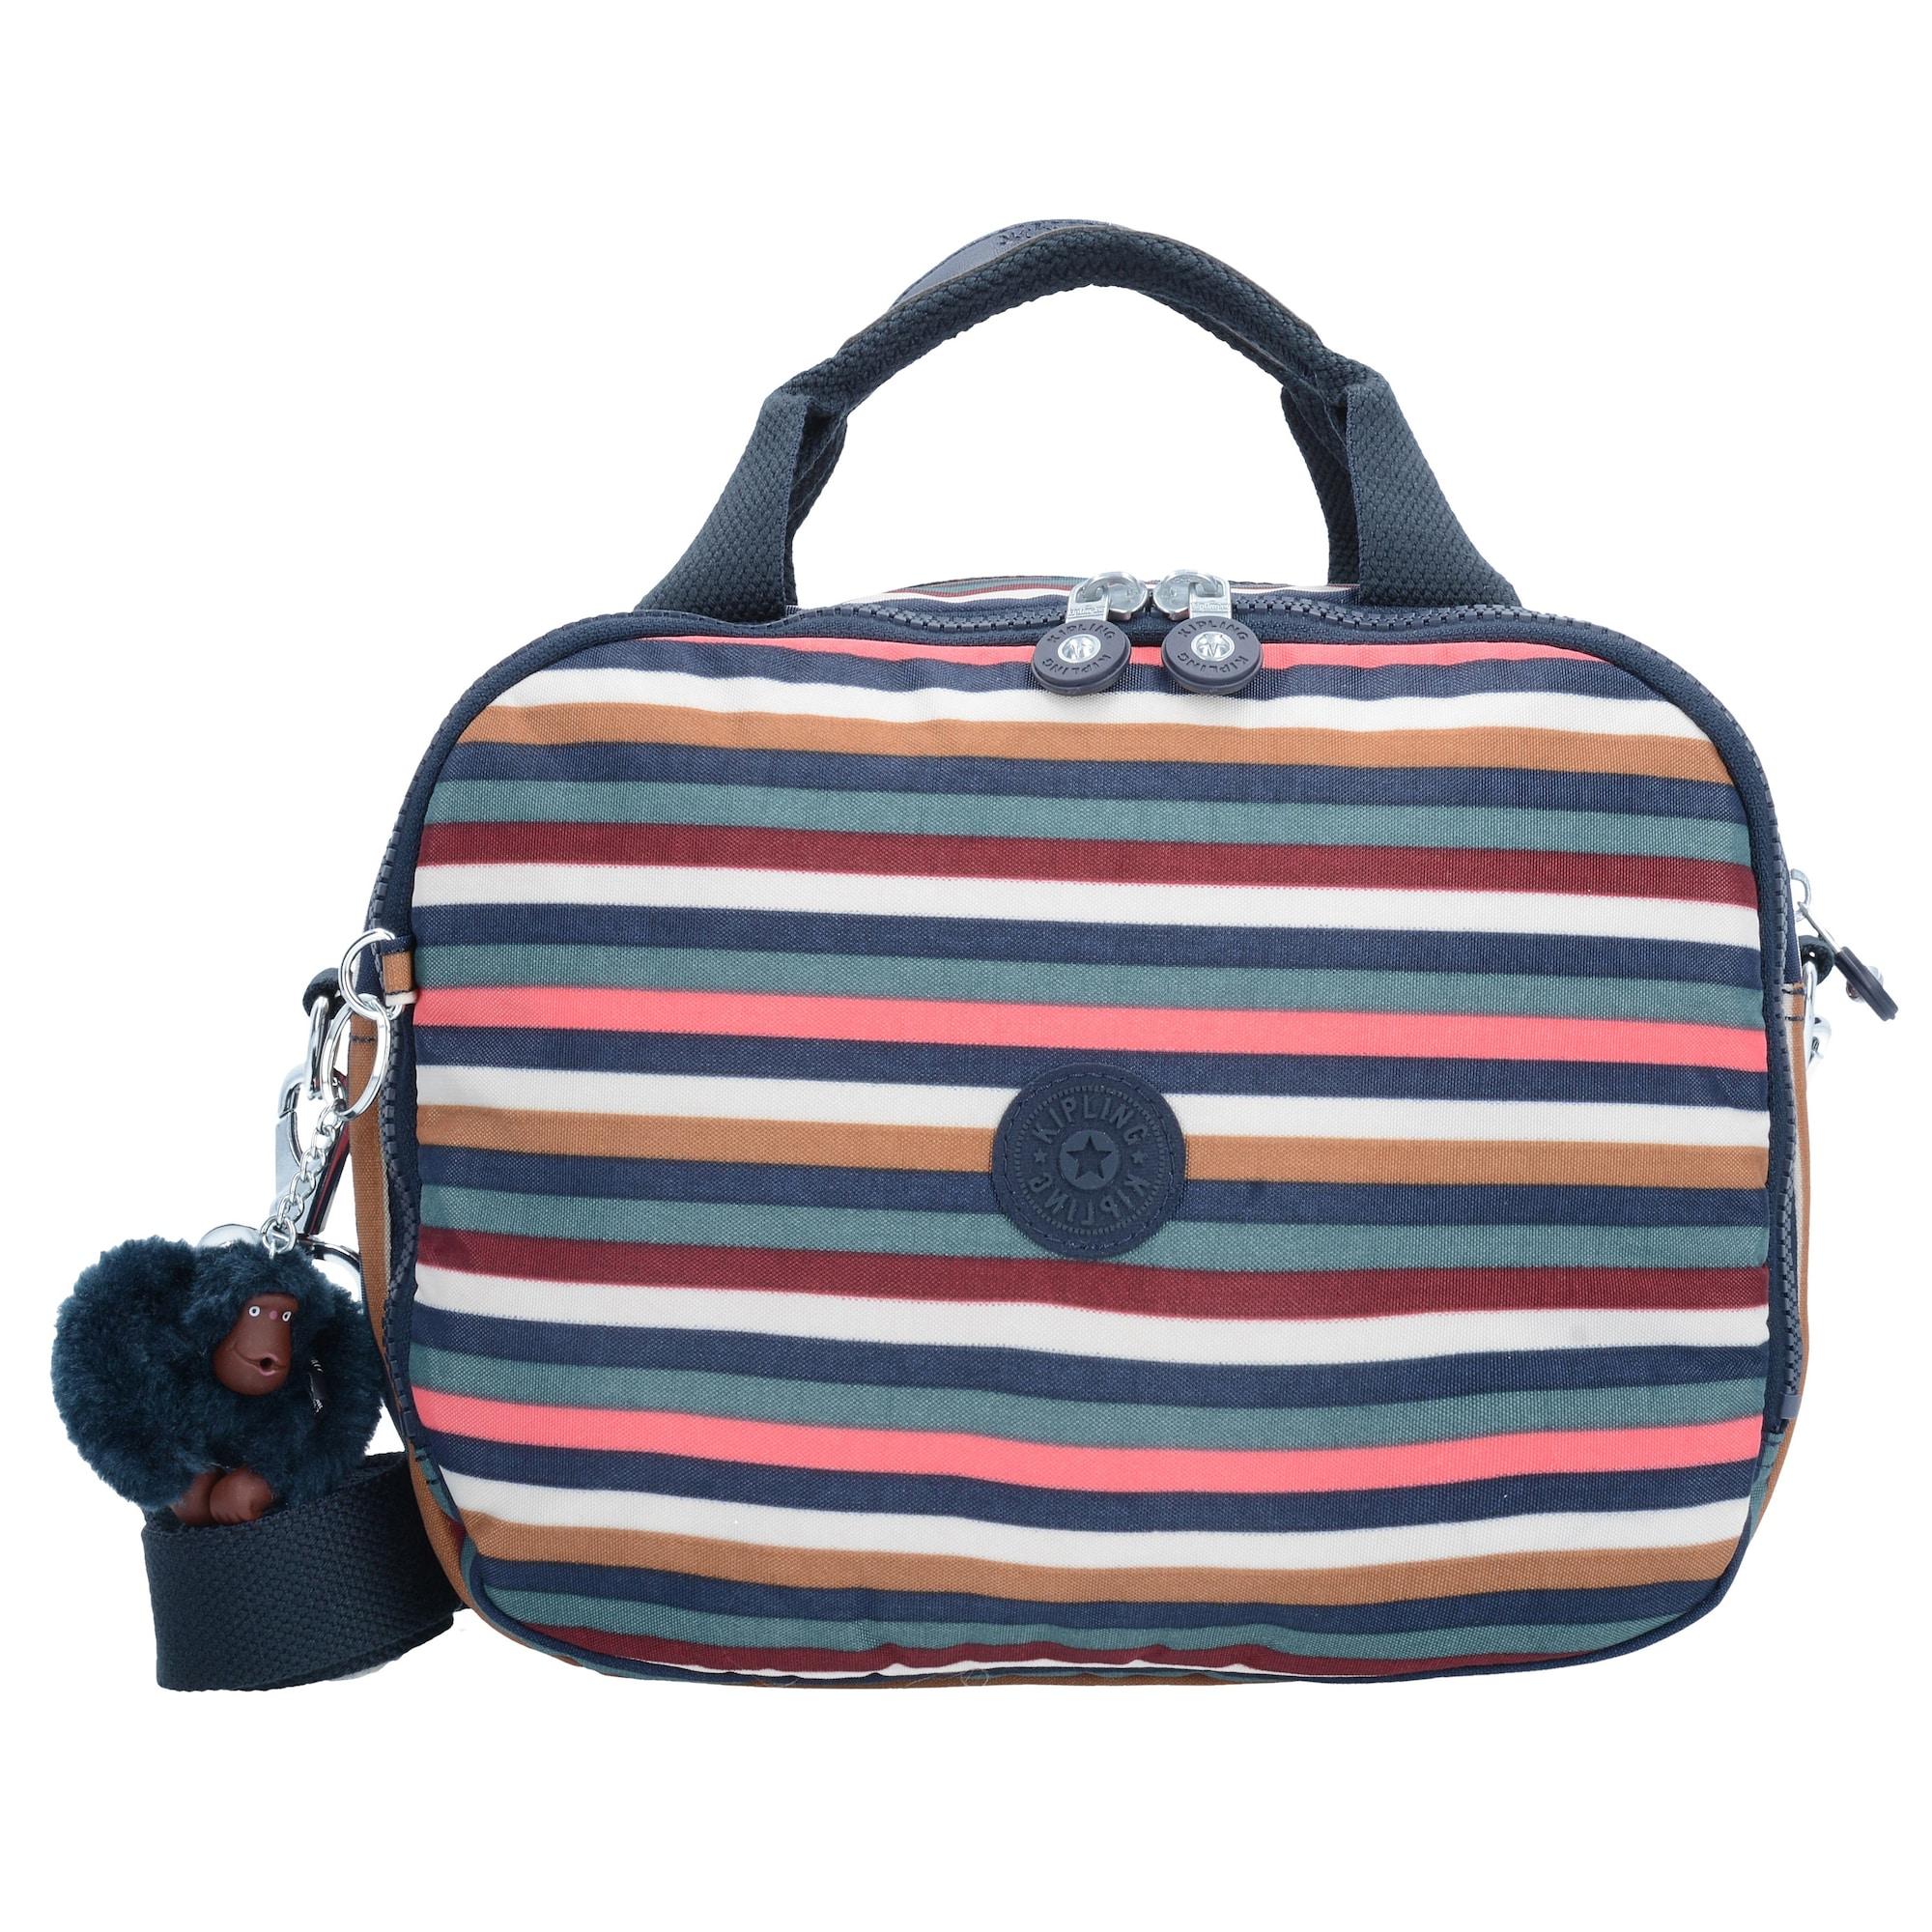 KIPLING, Dames Toilettas 'Basic Travel Palmbeach 17', blauw / lichtbruin / gemengde kleuren / pink / rood / wit